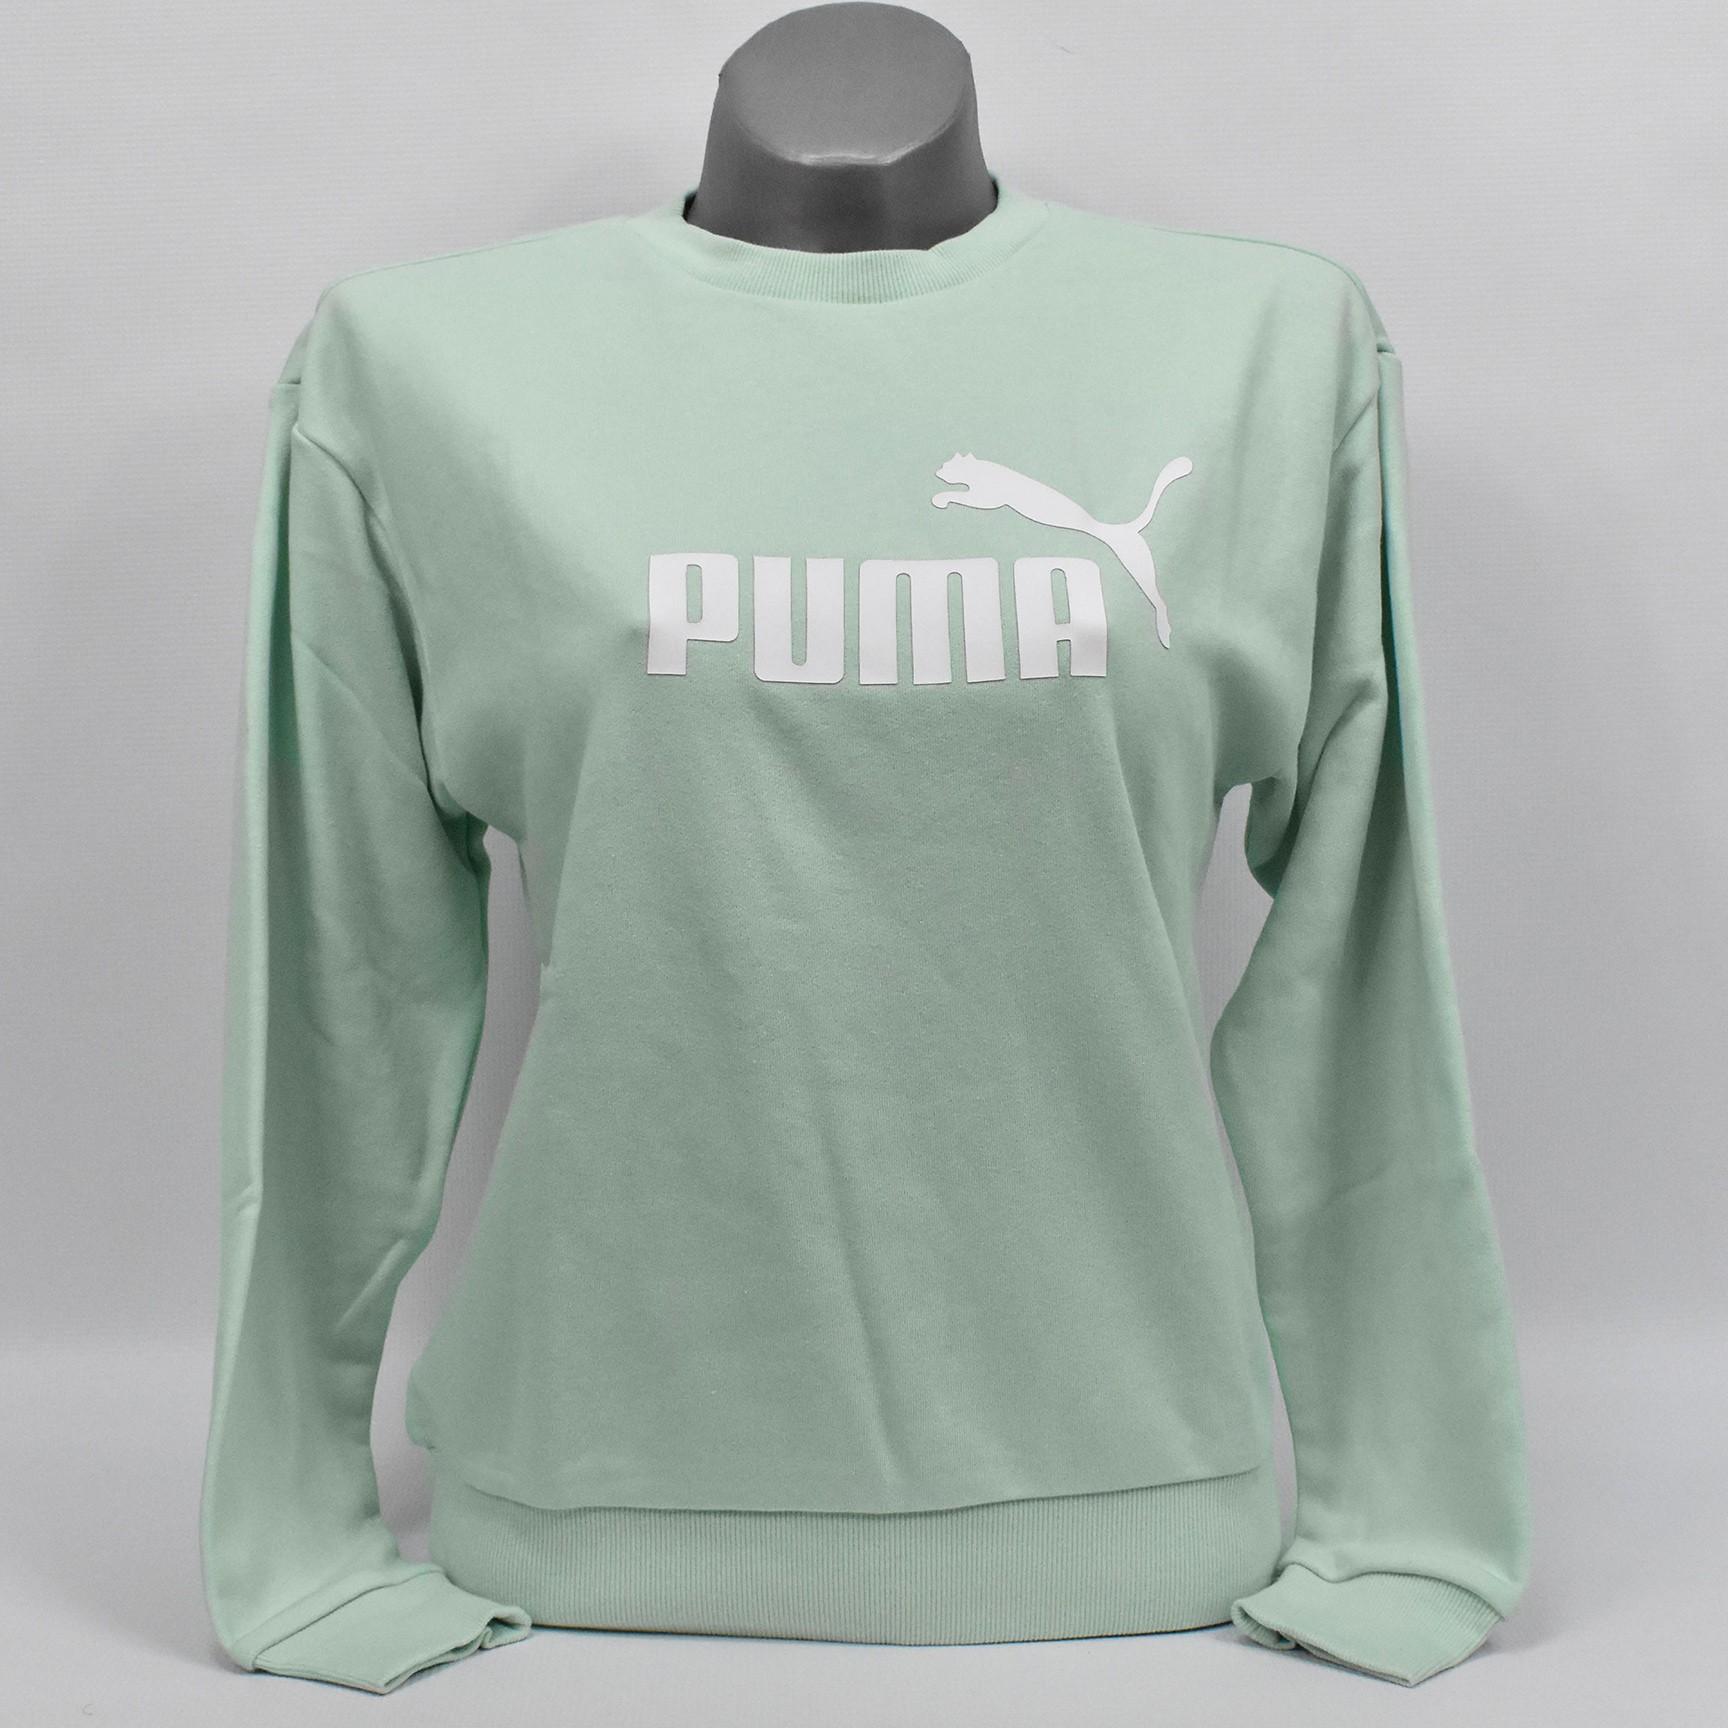 Bluza damska Puma Essentials Crew - 853456 32 - 1